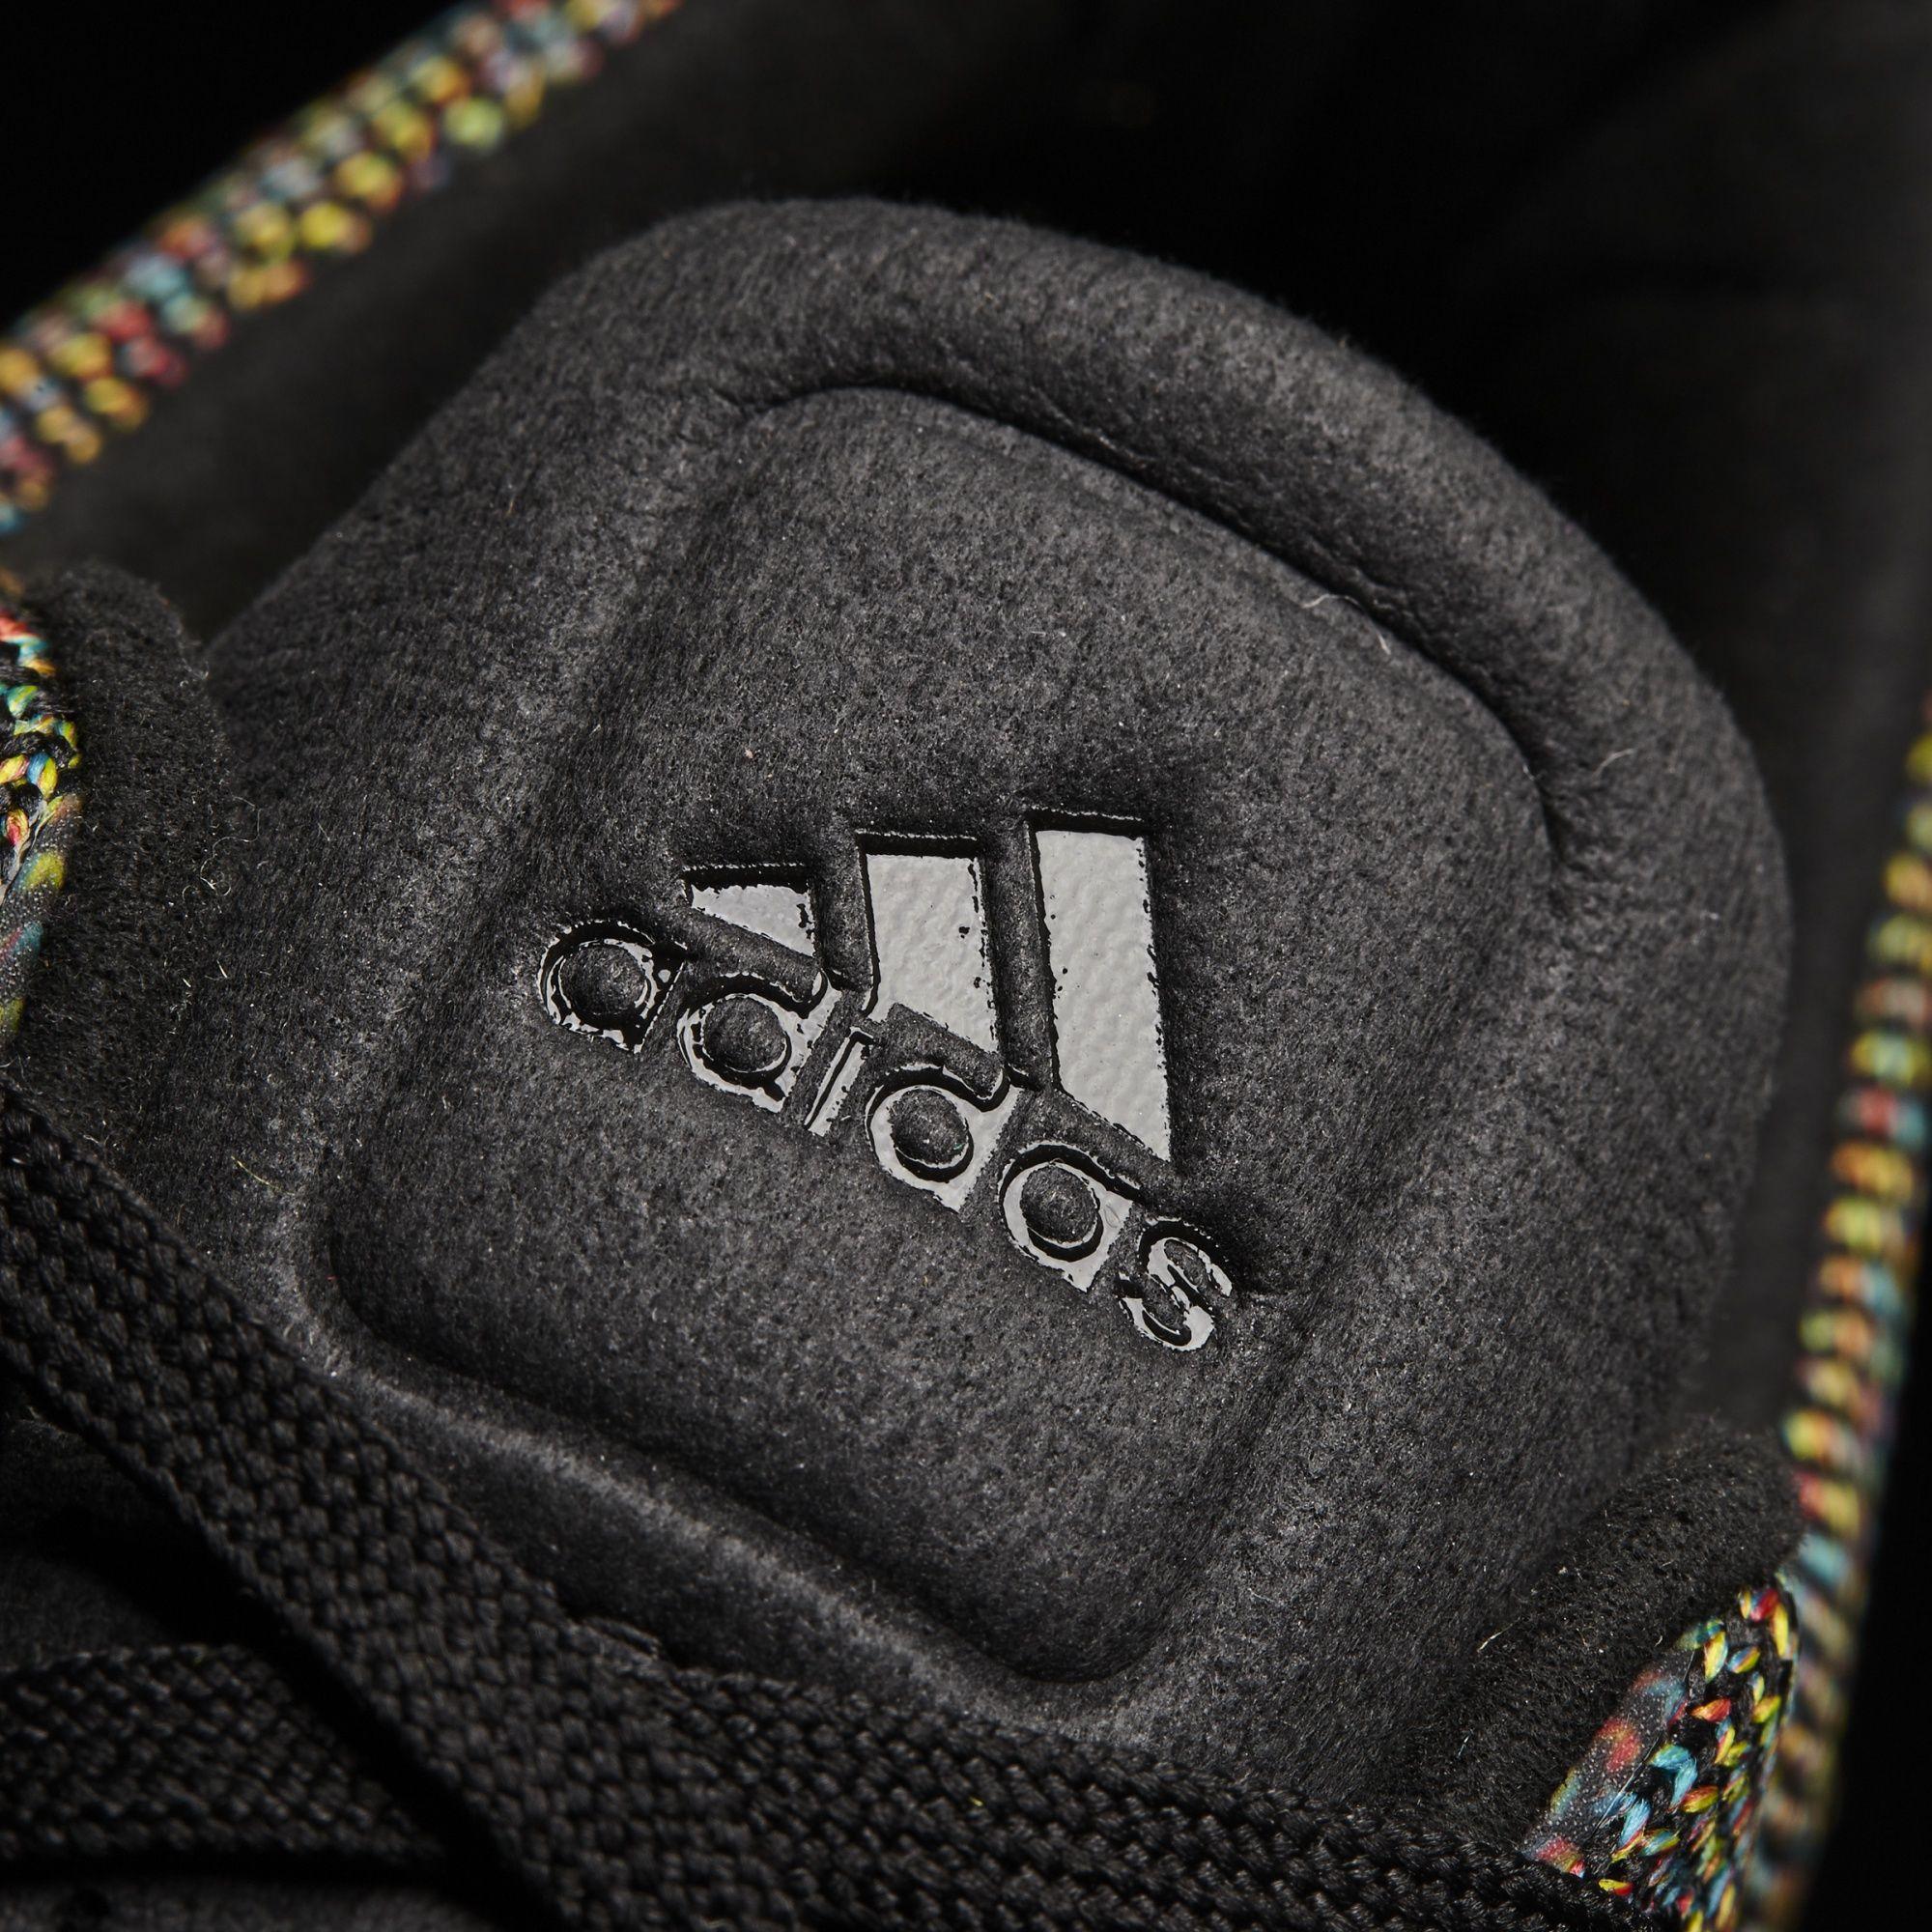 Adidas Pureboost Dpr Ltd PMIIuc